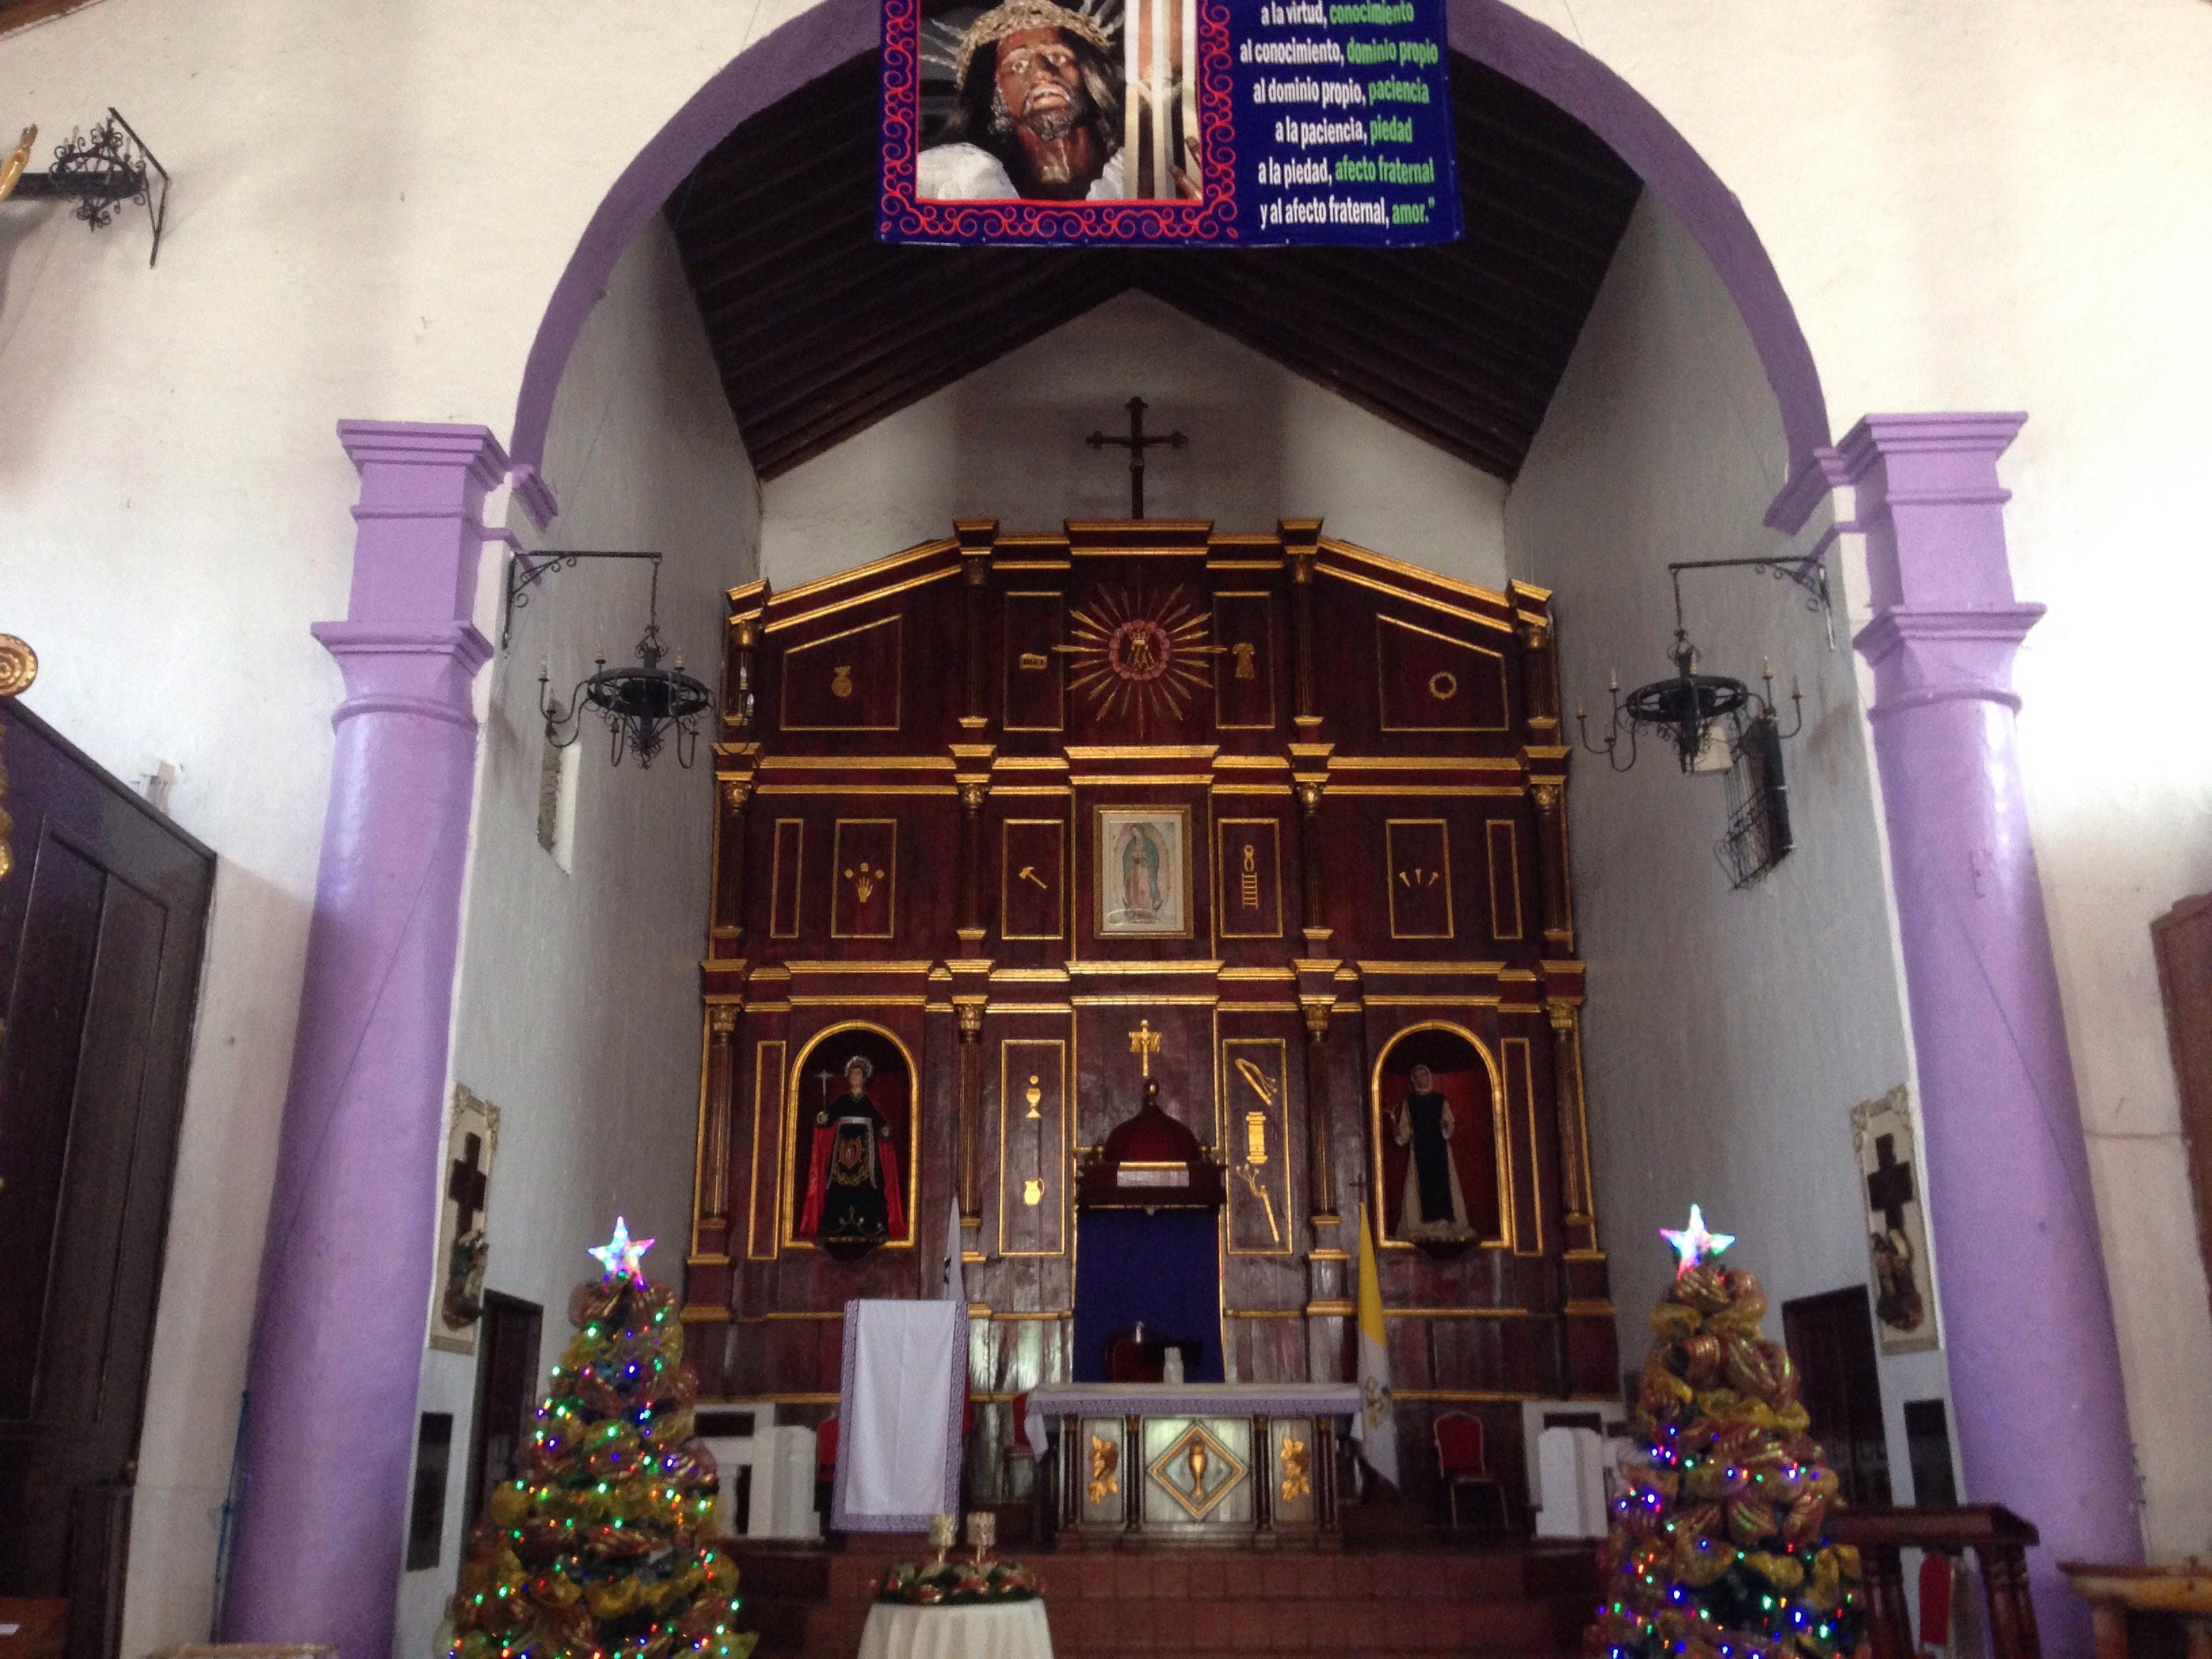 Interior of Iglesia de San Juan de Dios